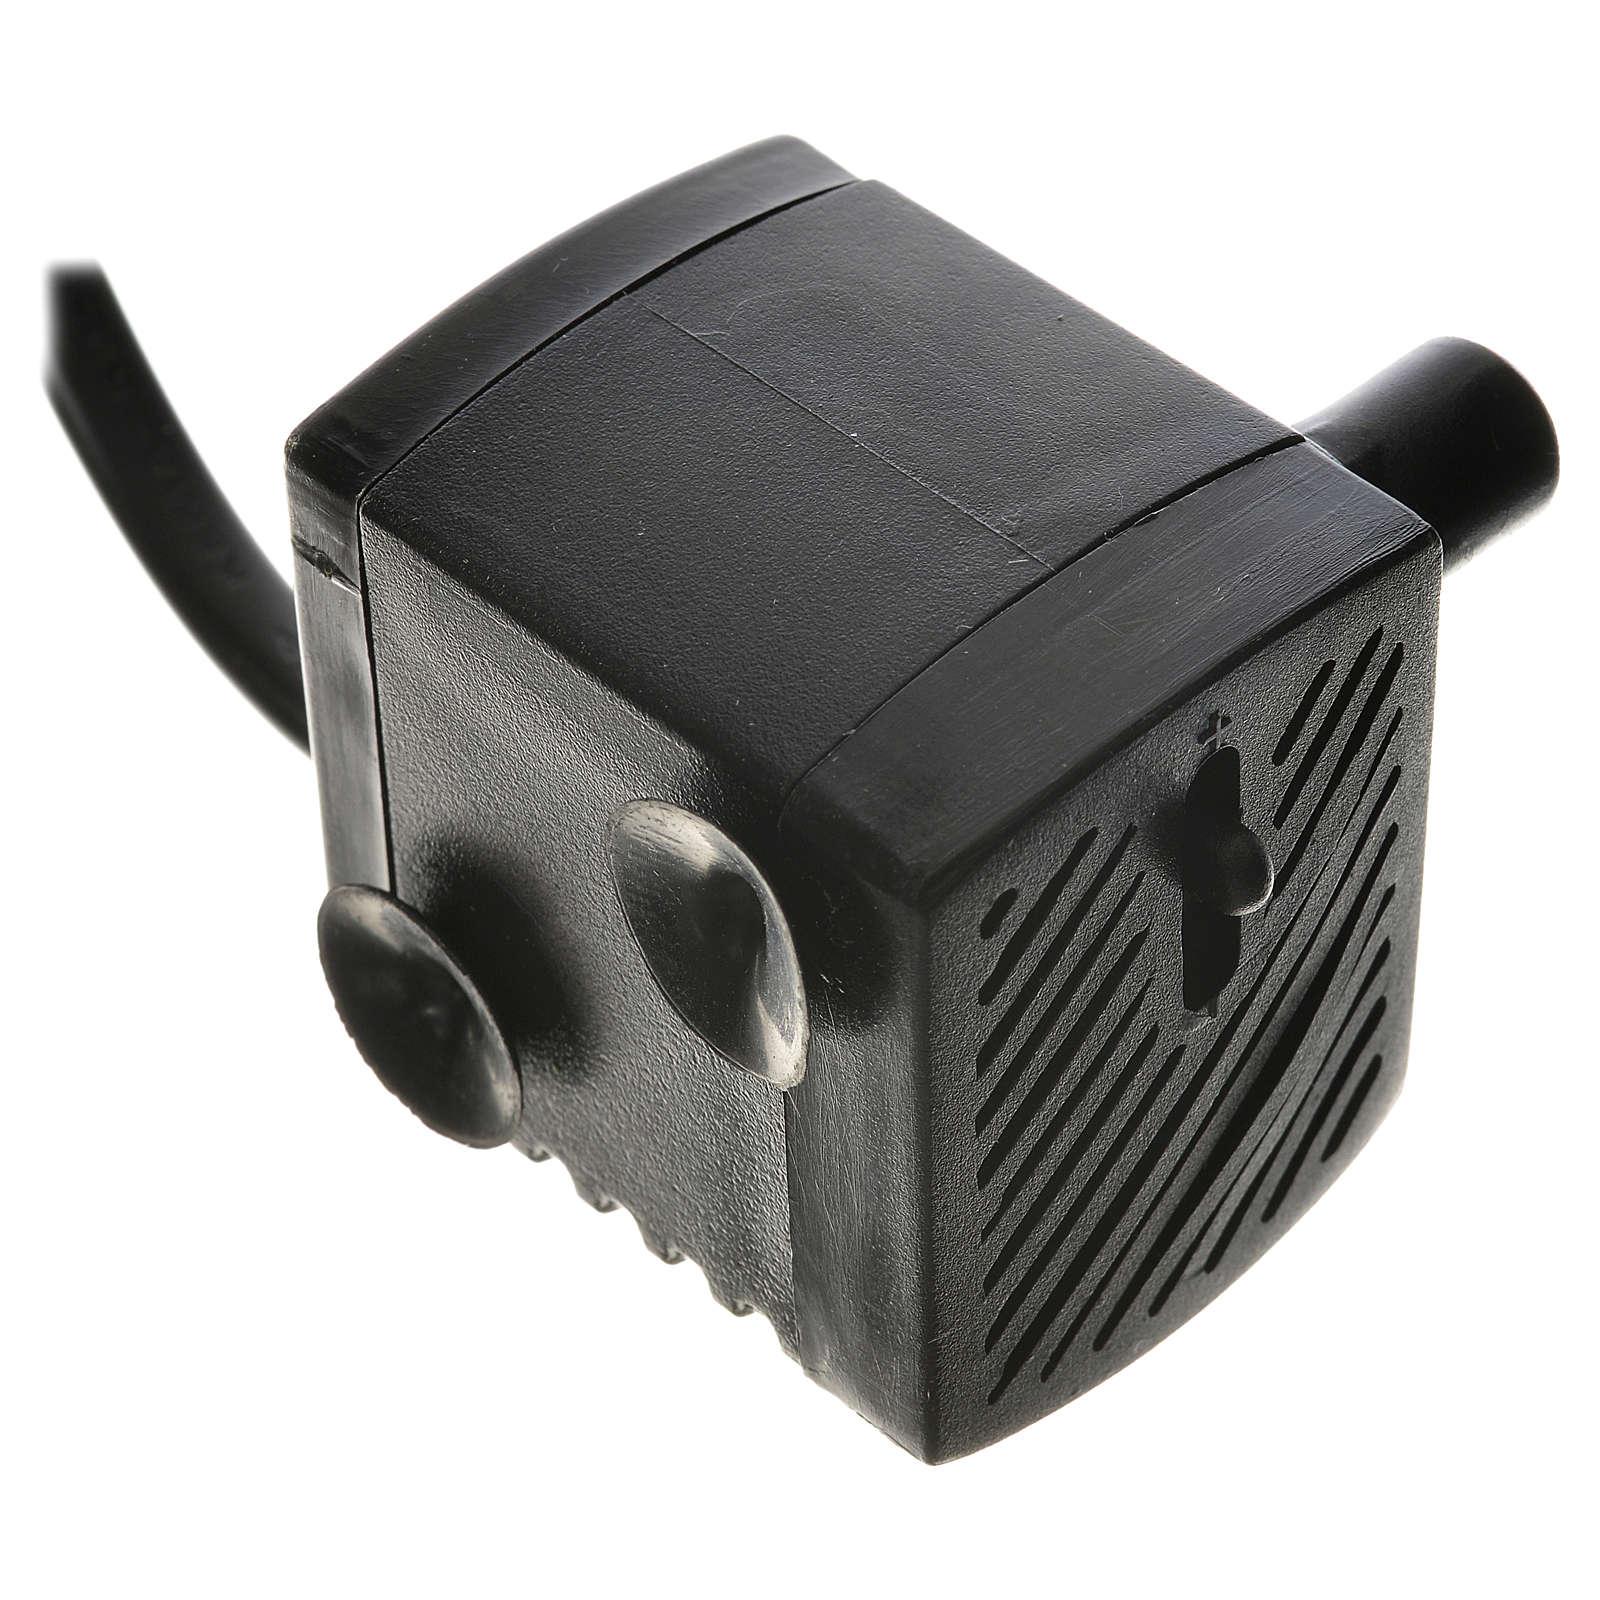 Pompa acqua presepe 2,5W 150 l/h 4